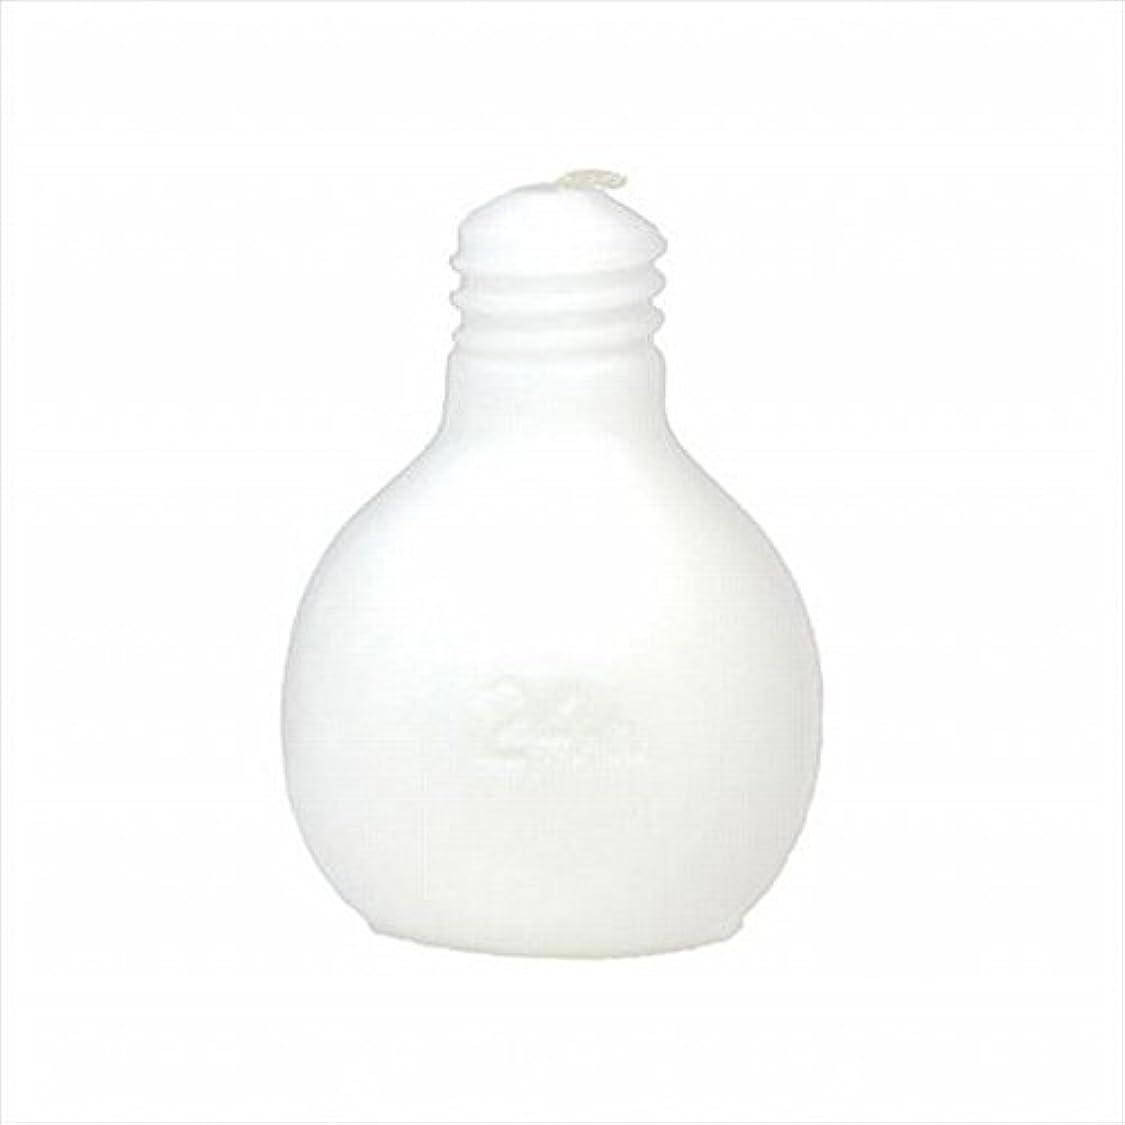 ハッチ宙返り故意のkameyama candle(カメヤマキャンドル) 節電球キャンドル 「 ホワイト 」 キャンドル 75x75x98mm (A4220000W)